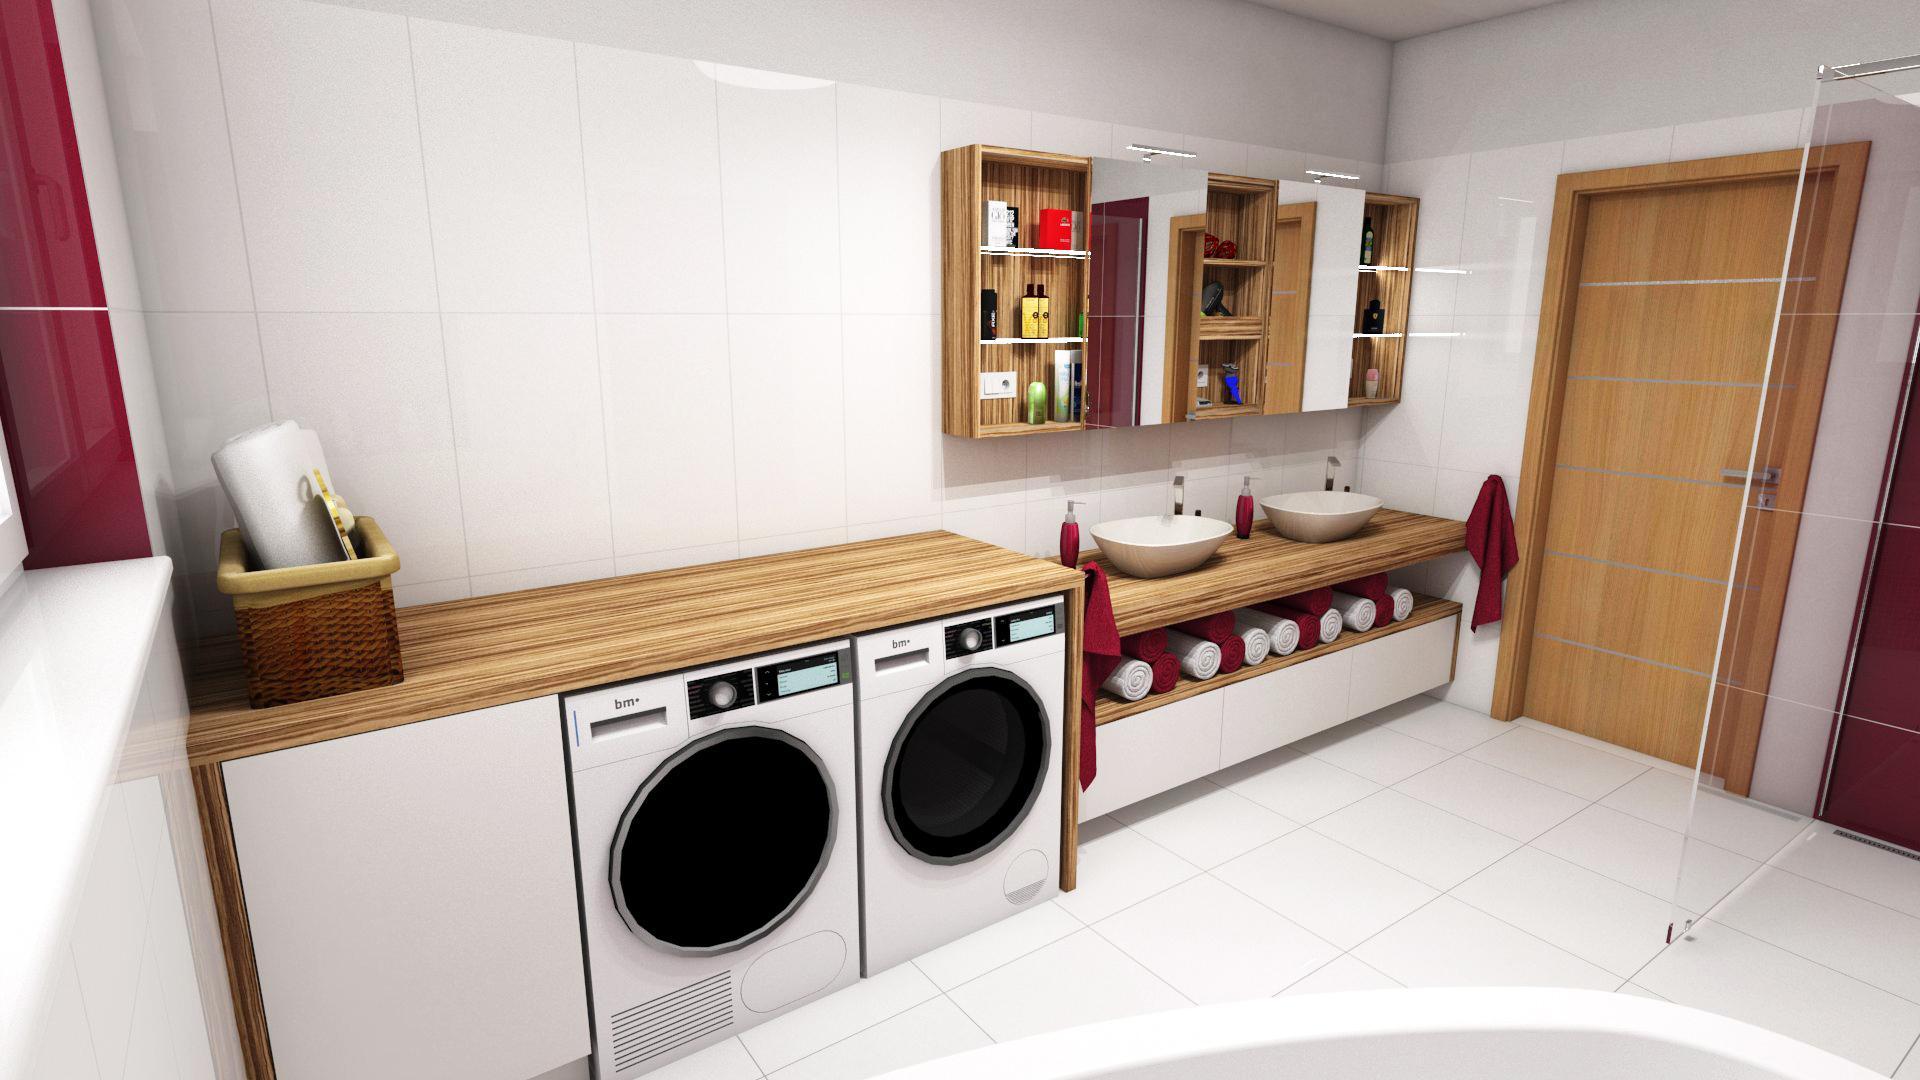 Koupelny a wc - https://www.decons.cz/galerie/koupelny-a-wc/koupelna-4/